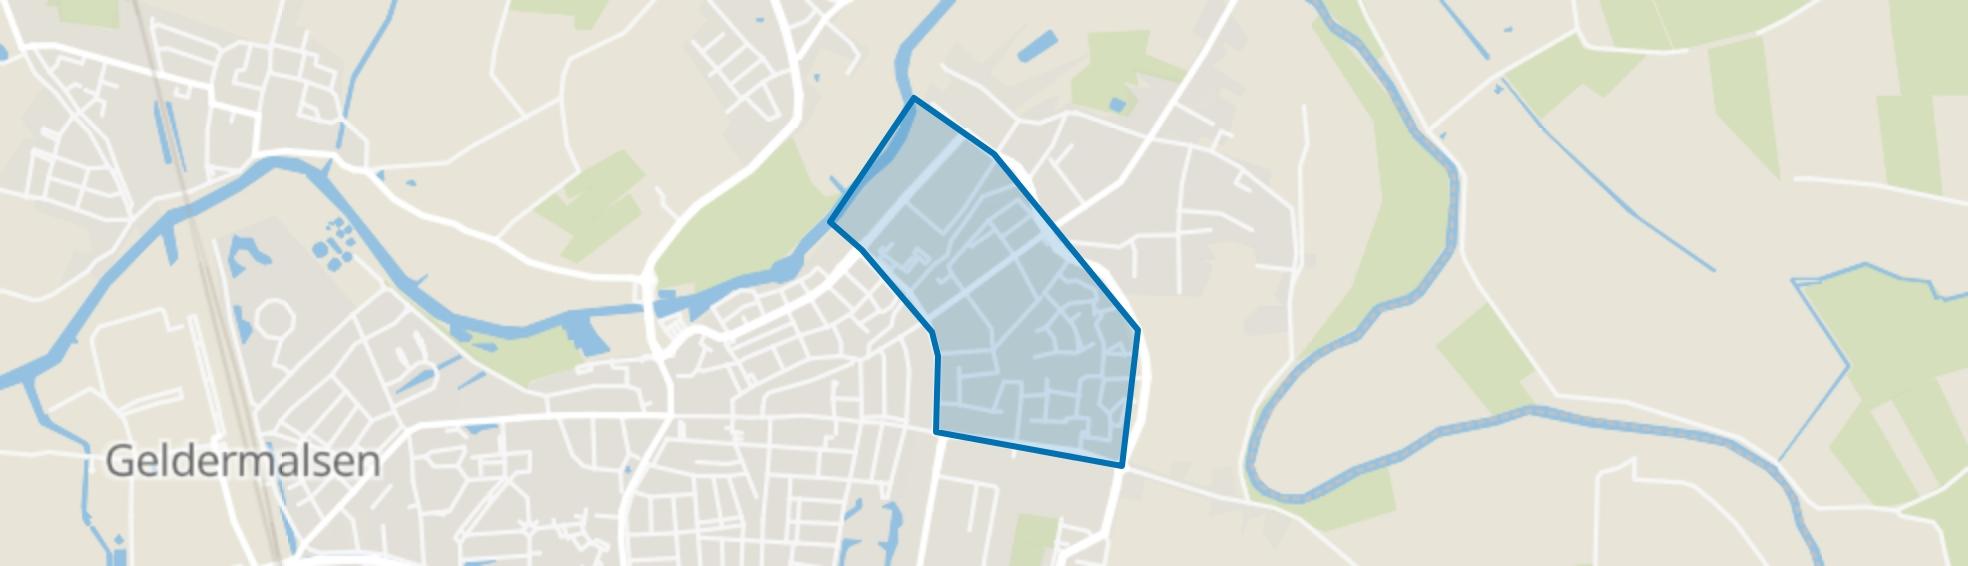 Geldermalsen Oost, Geldermalsen map